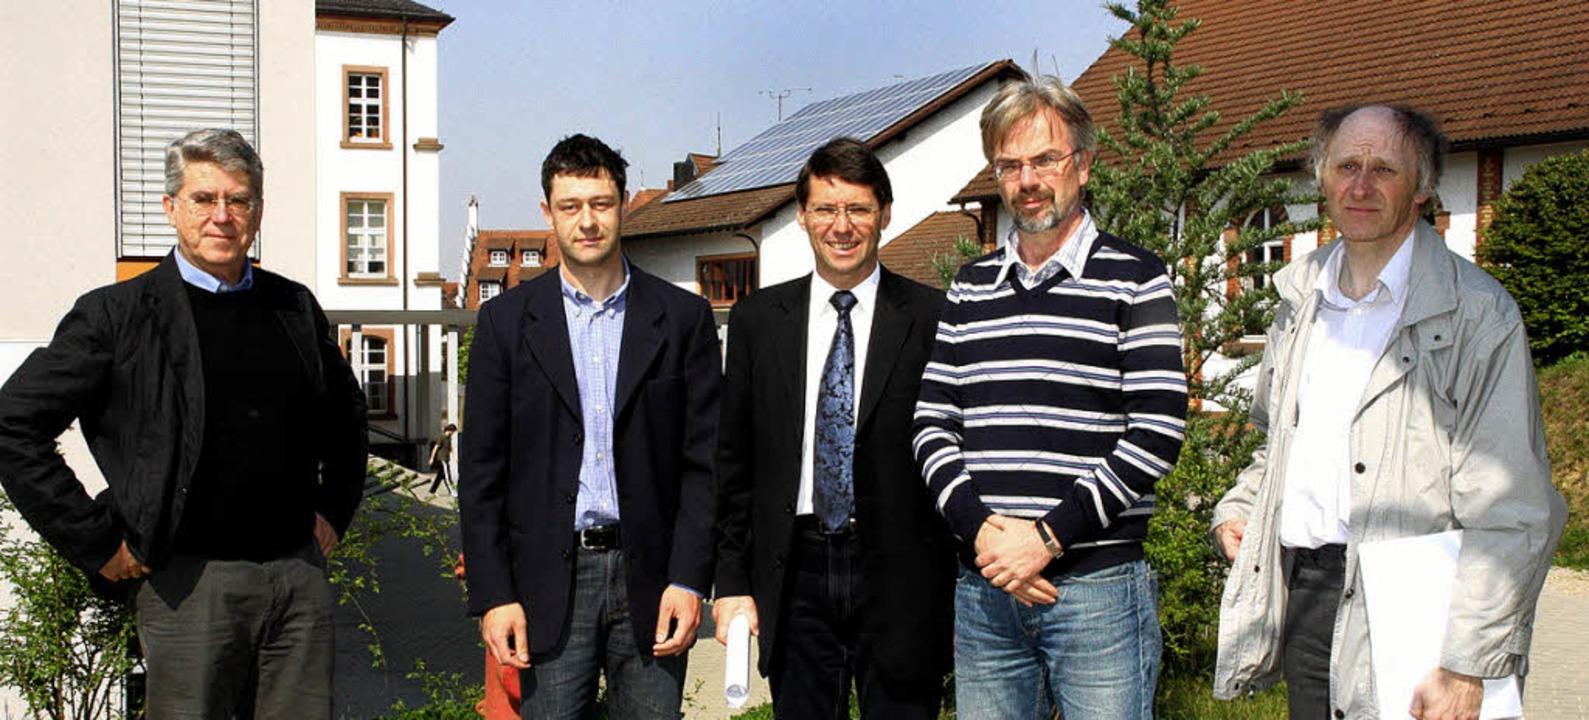 Stehen in der Sonne (von links): Schul... Ulrich Gäckle (beide Stadt Ettenheim)  | Foto: Ulrike Hiller